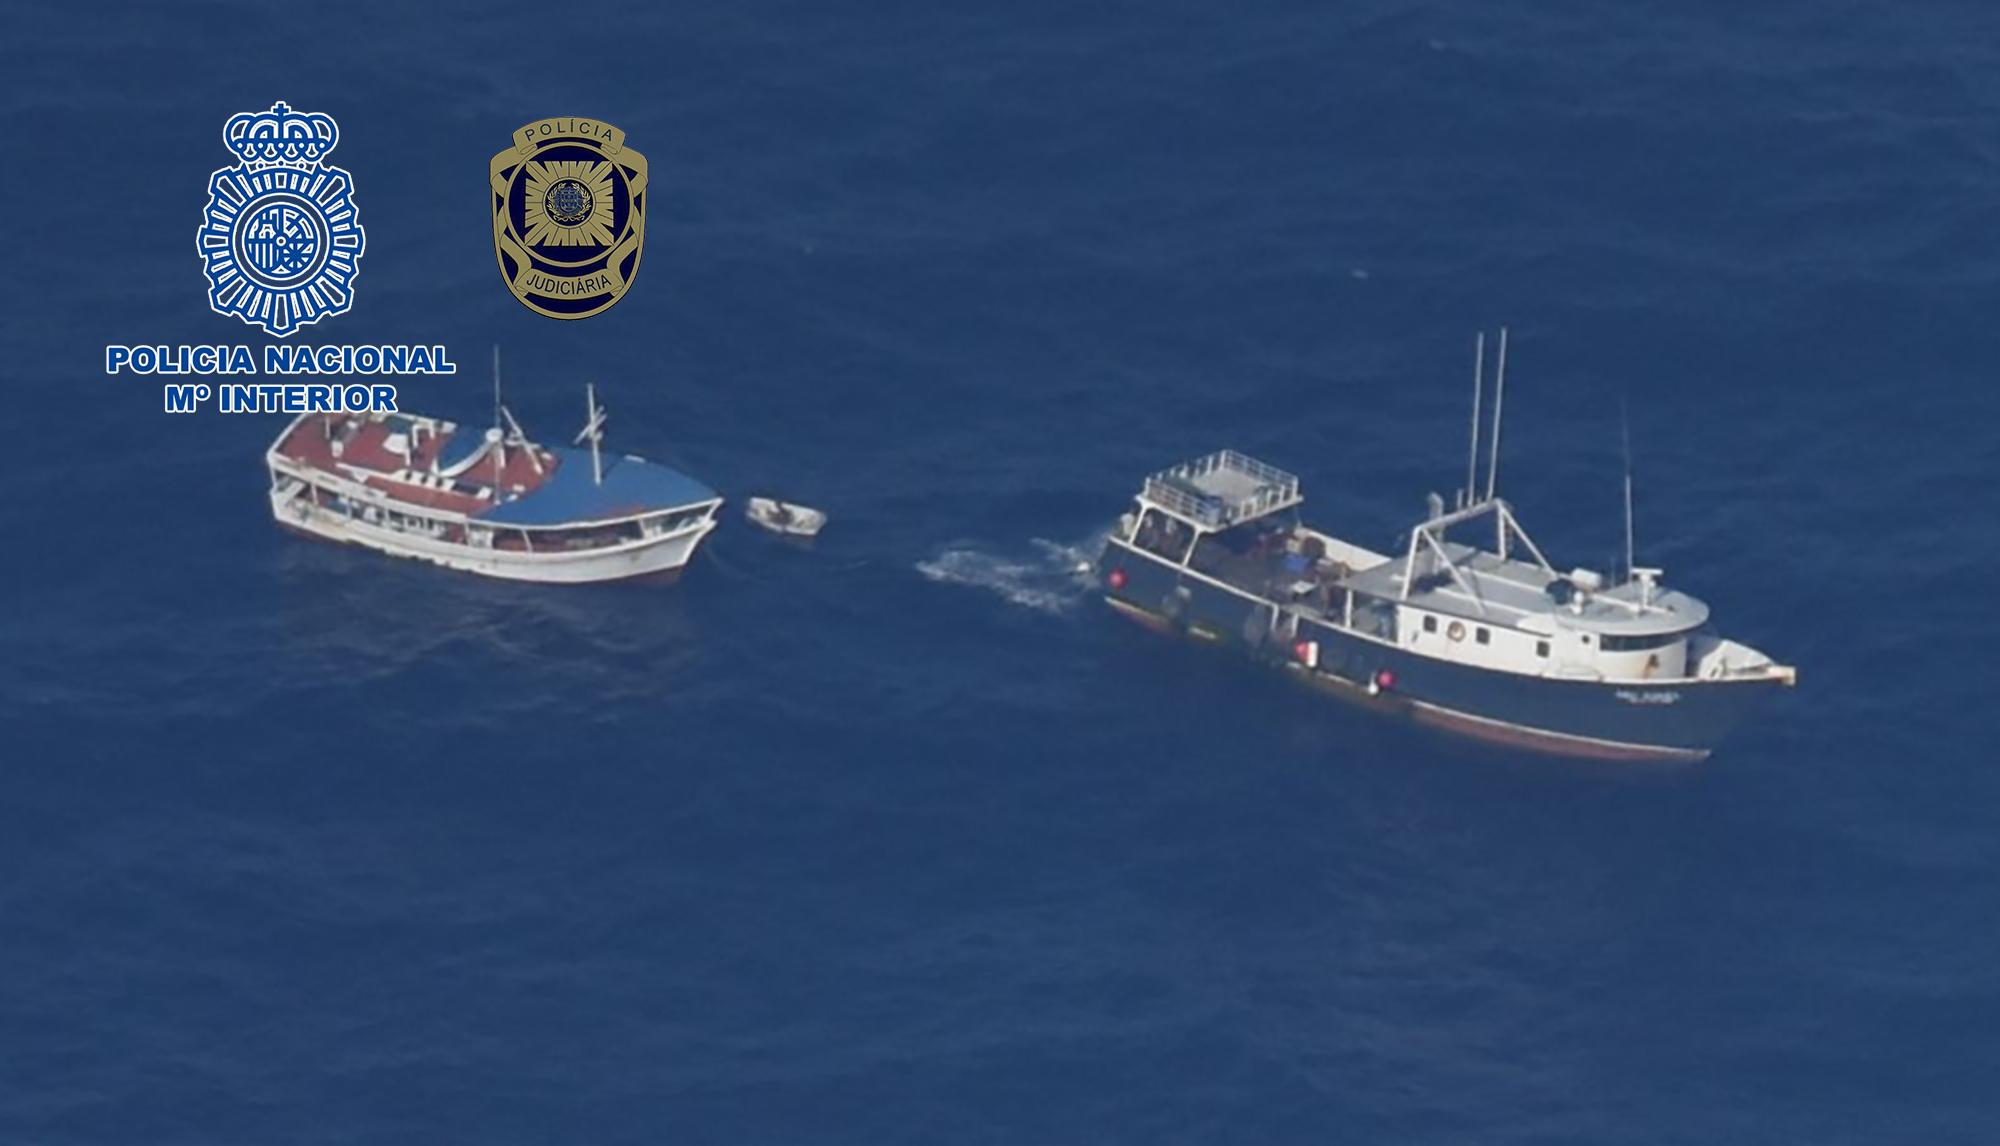 Intervenidos 4.248 kilos de cocaína en un pesquero que tenía como destino España